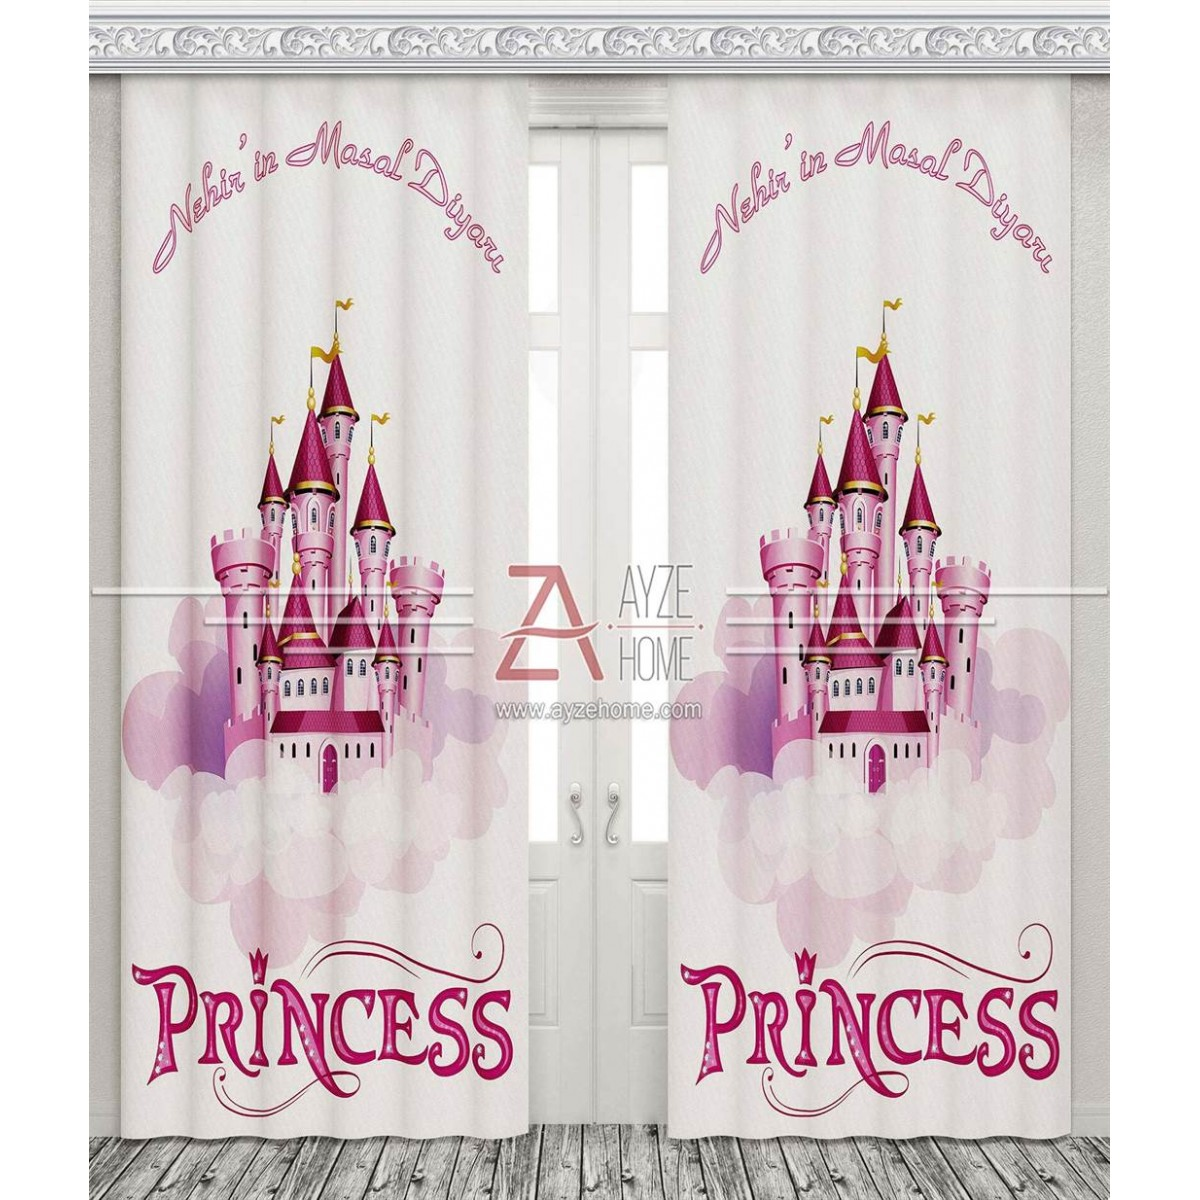 Kız Çocuk Odası - Prensesin Şatosu - Baskılı Fon Perde